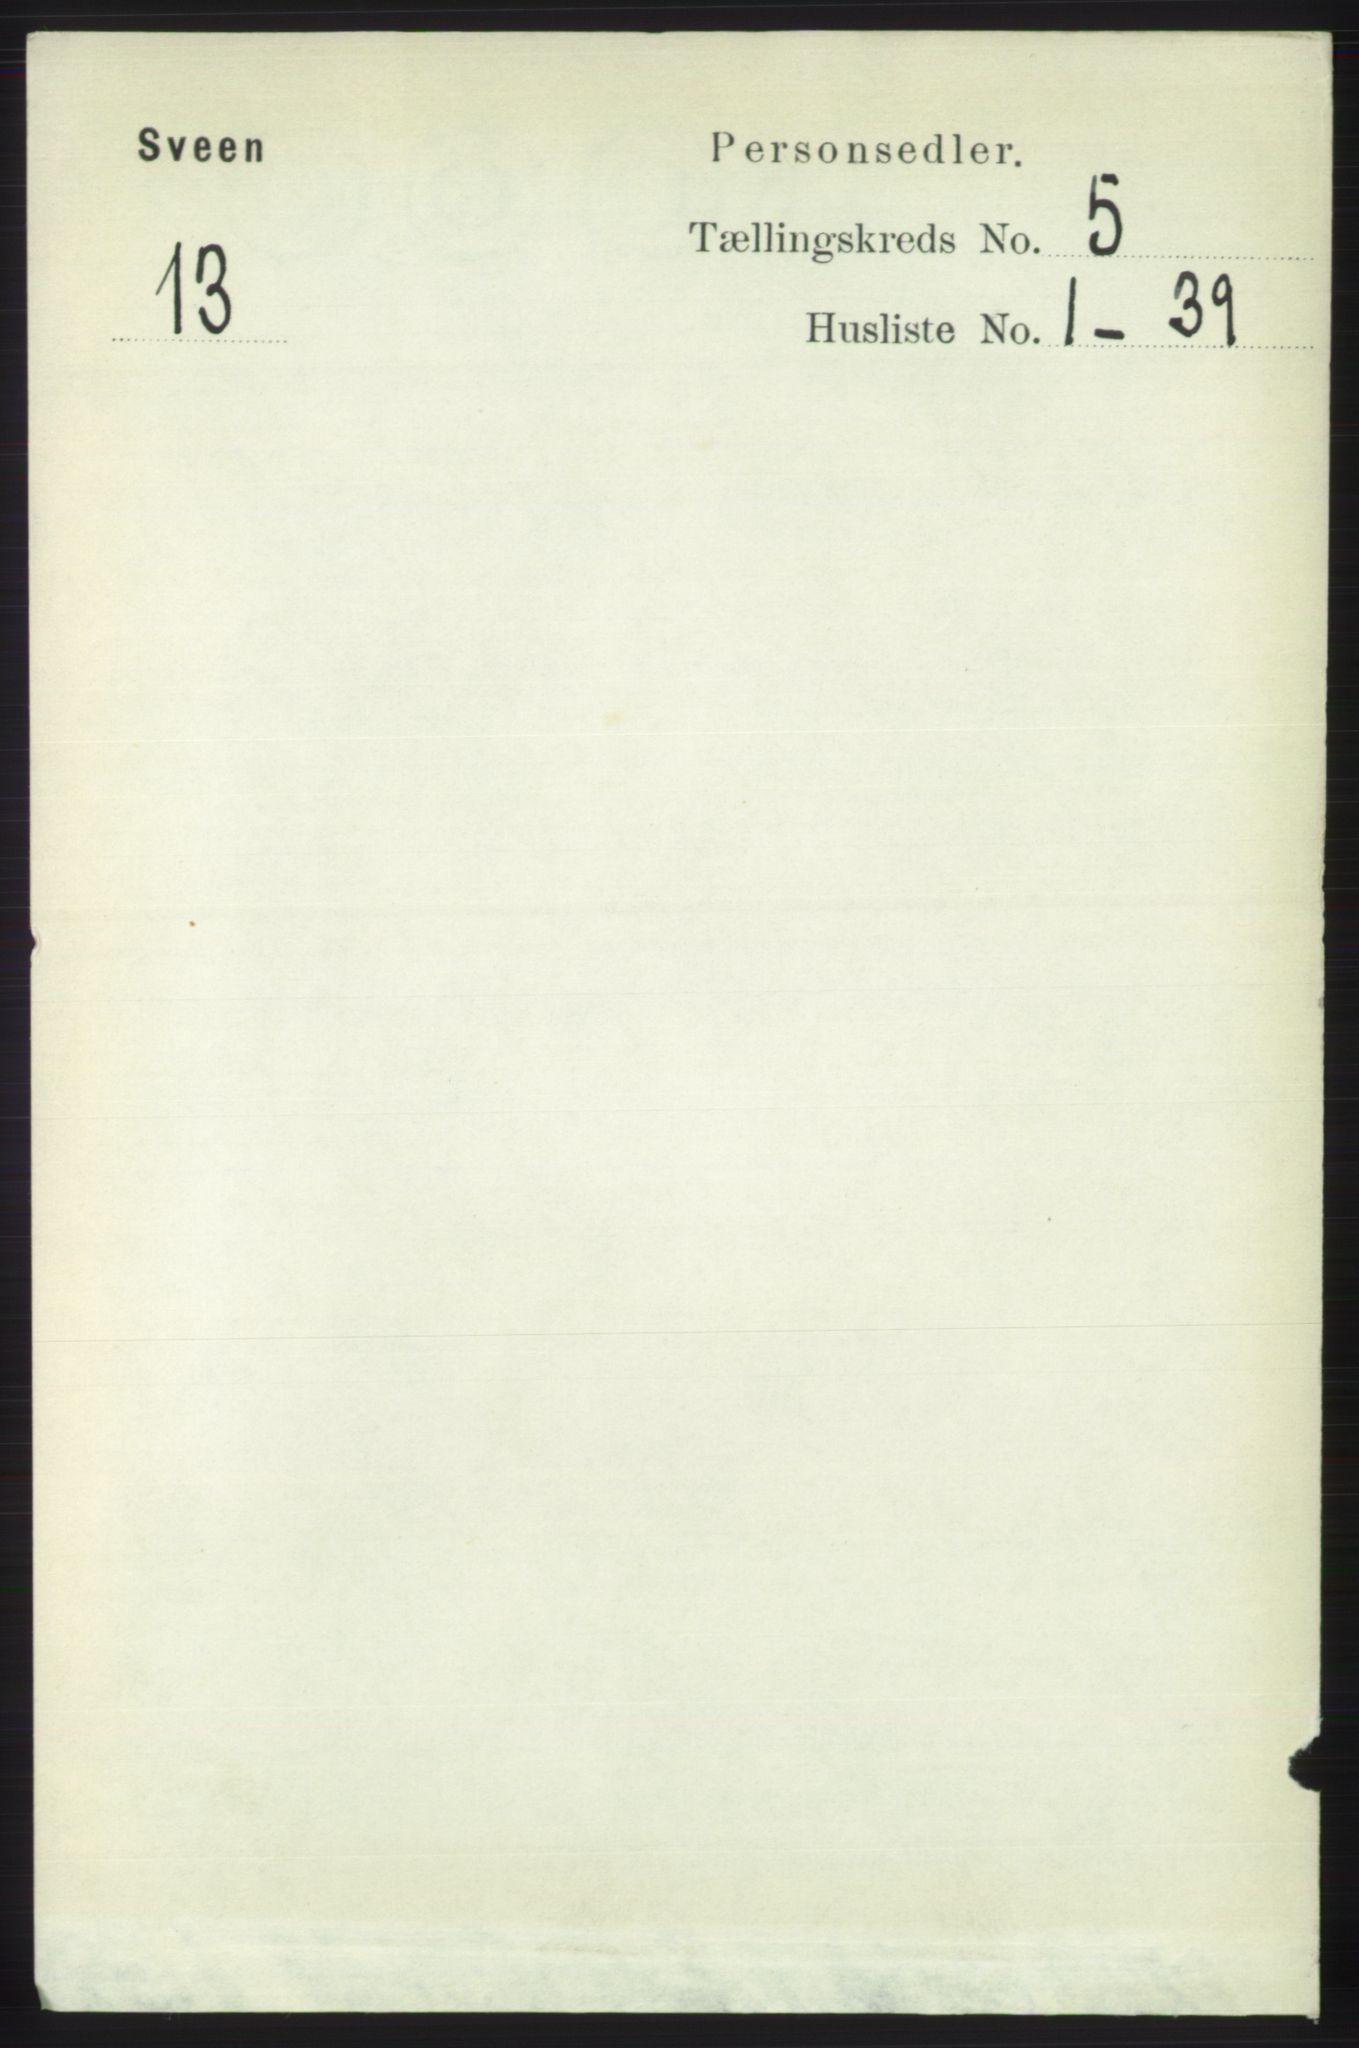 RA, Folketelling 1891 for 1216 Sveio herred, 1891, s. 1450